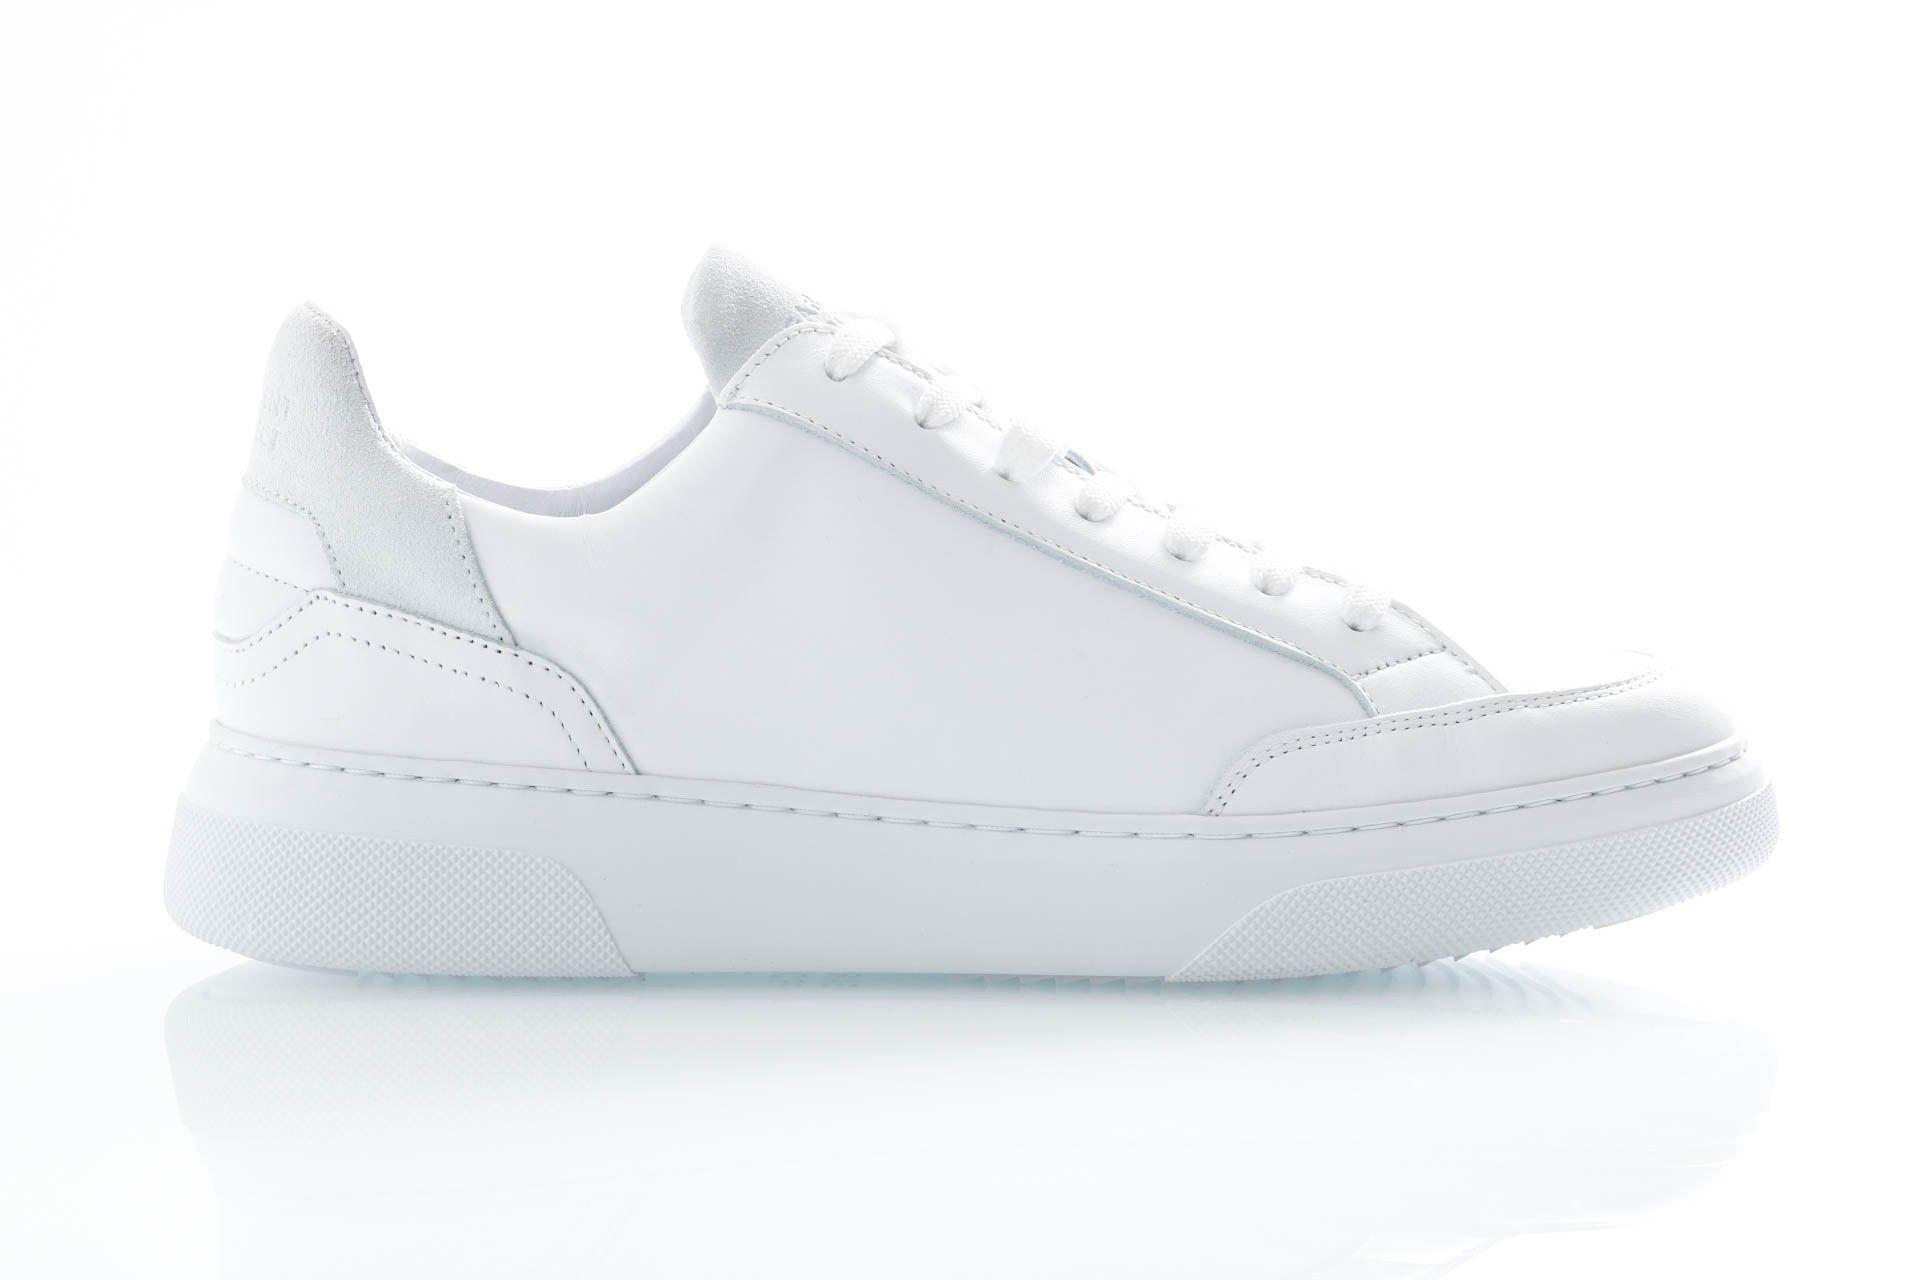 Afbeelding van Garment Project Sneakers Off Court White GP2105-100